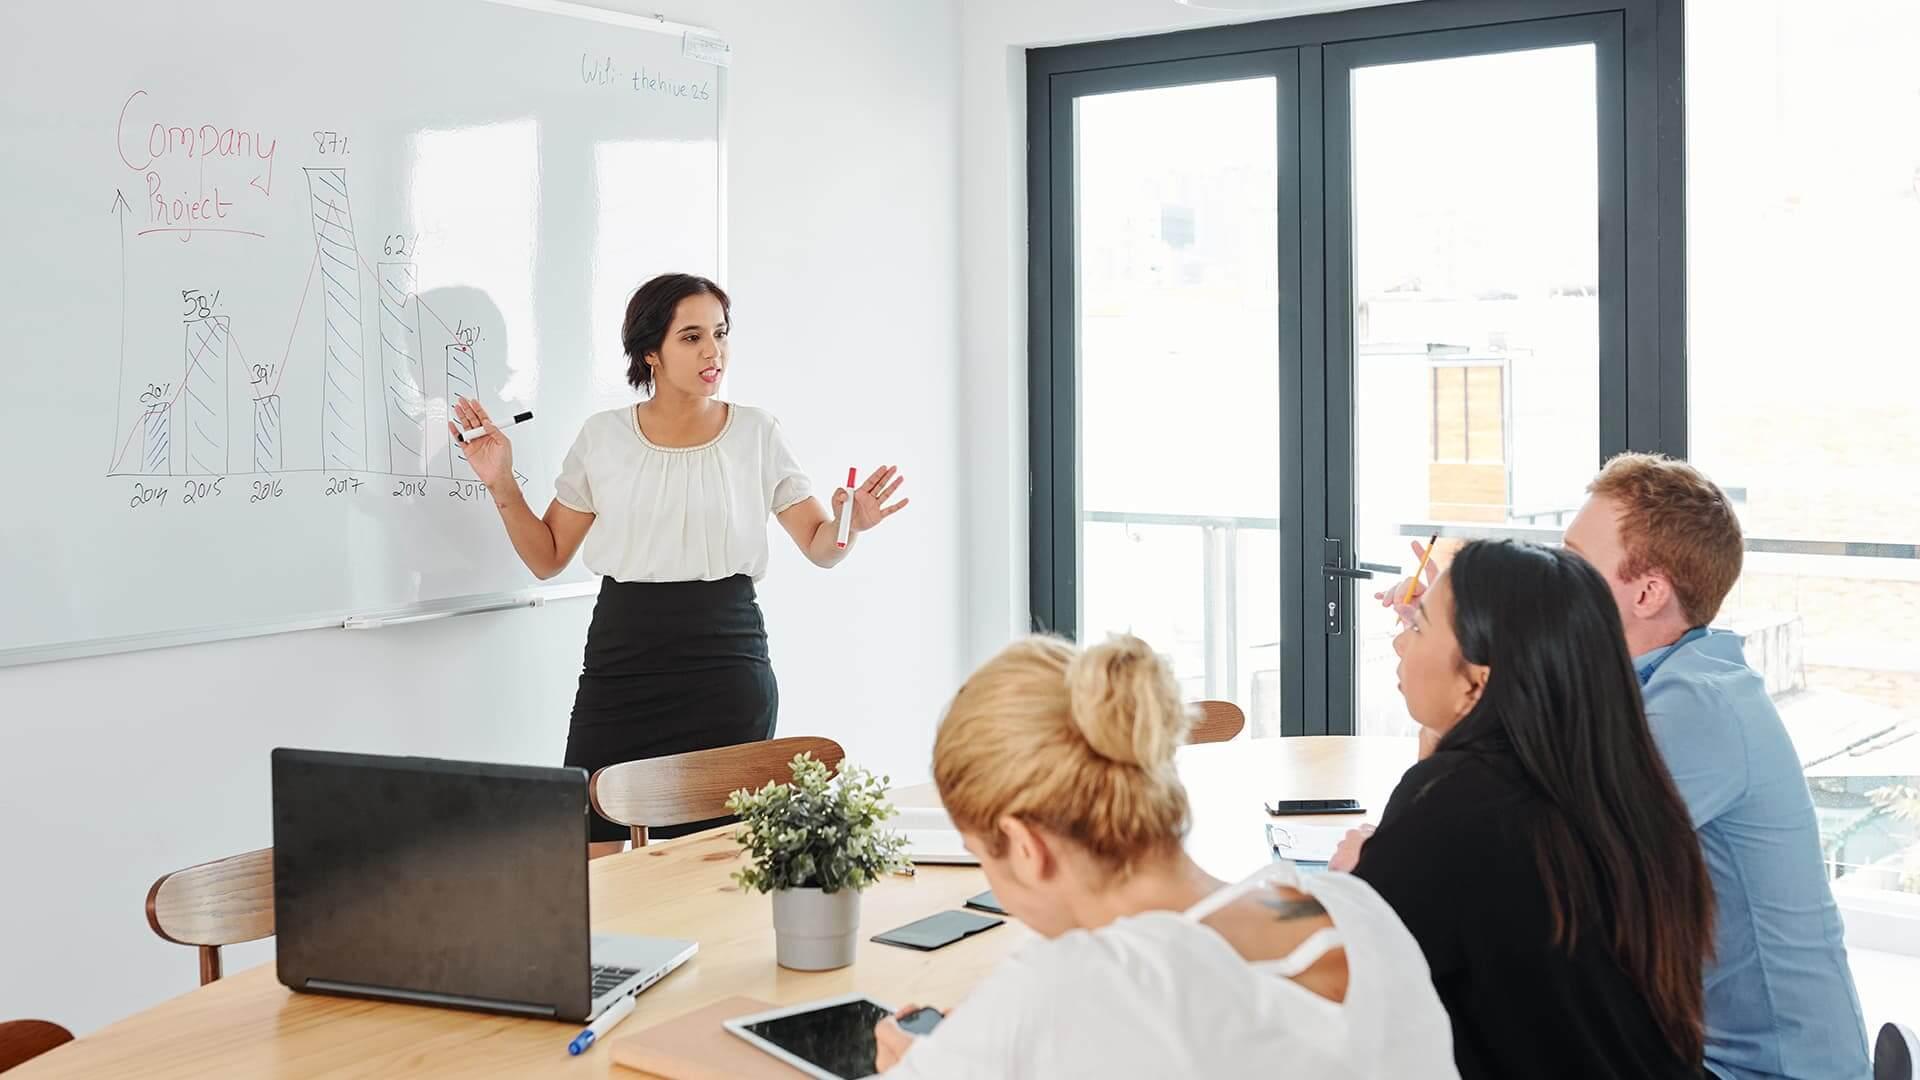 סיכומי ביניים – ולמה קריטי לנו להשתמש בהם בהרצאות או שיעורים?